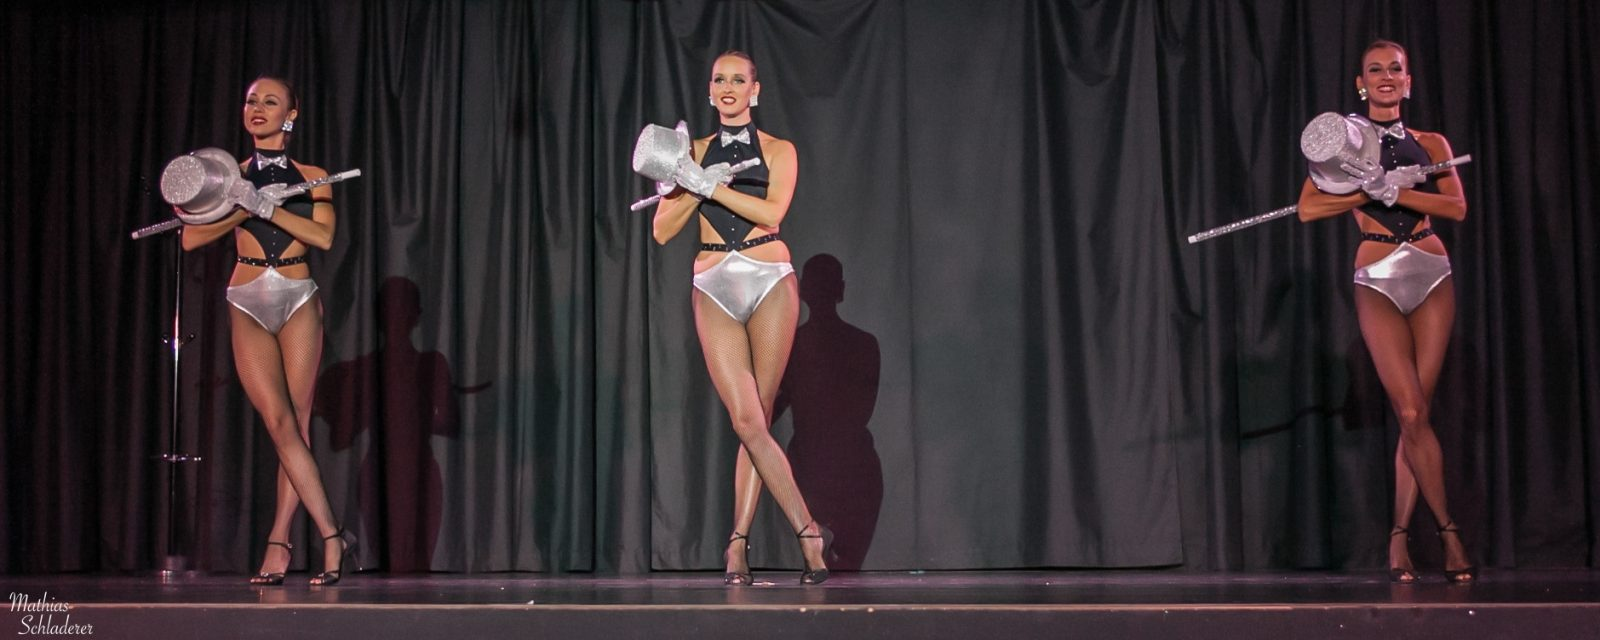 Cabaret – Dancing Stiletto – Saint-lieux-les-lavaur – Tarn